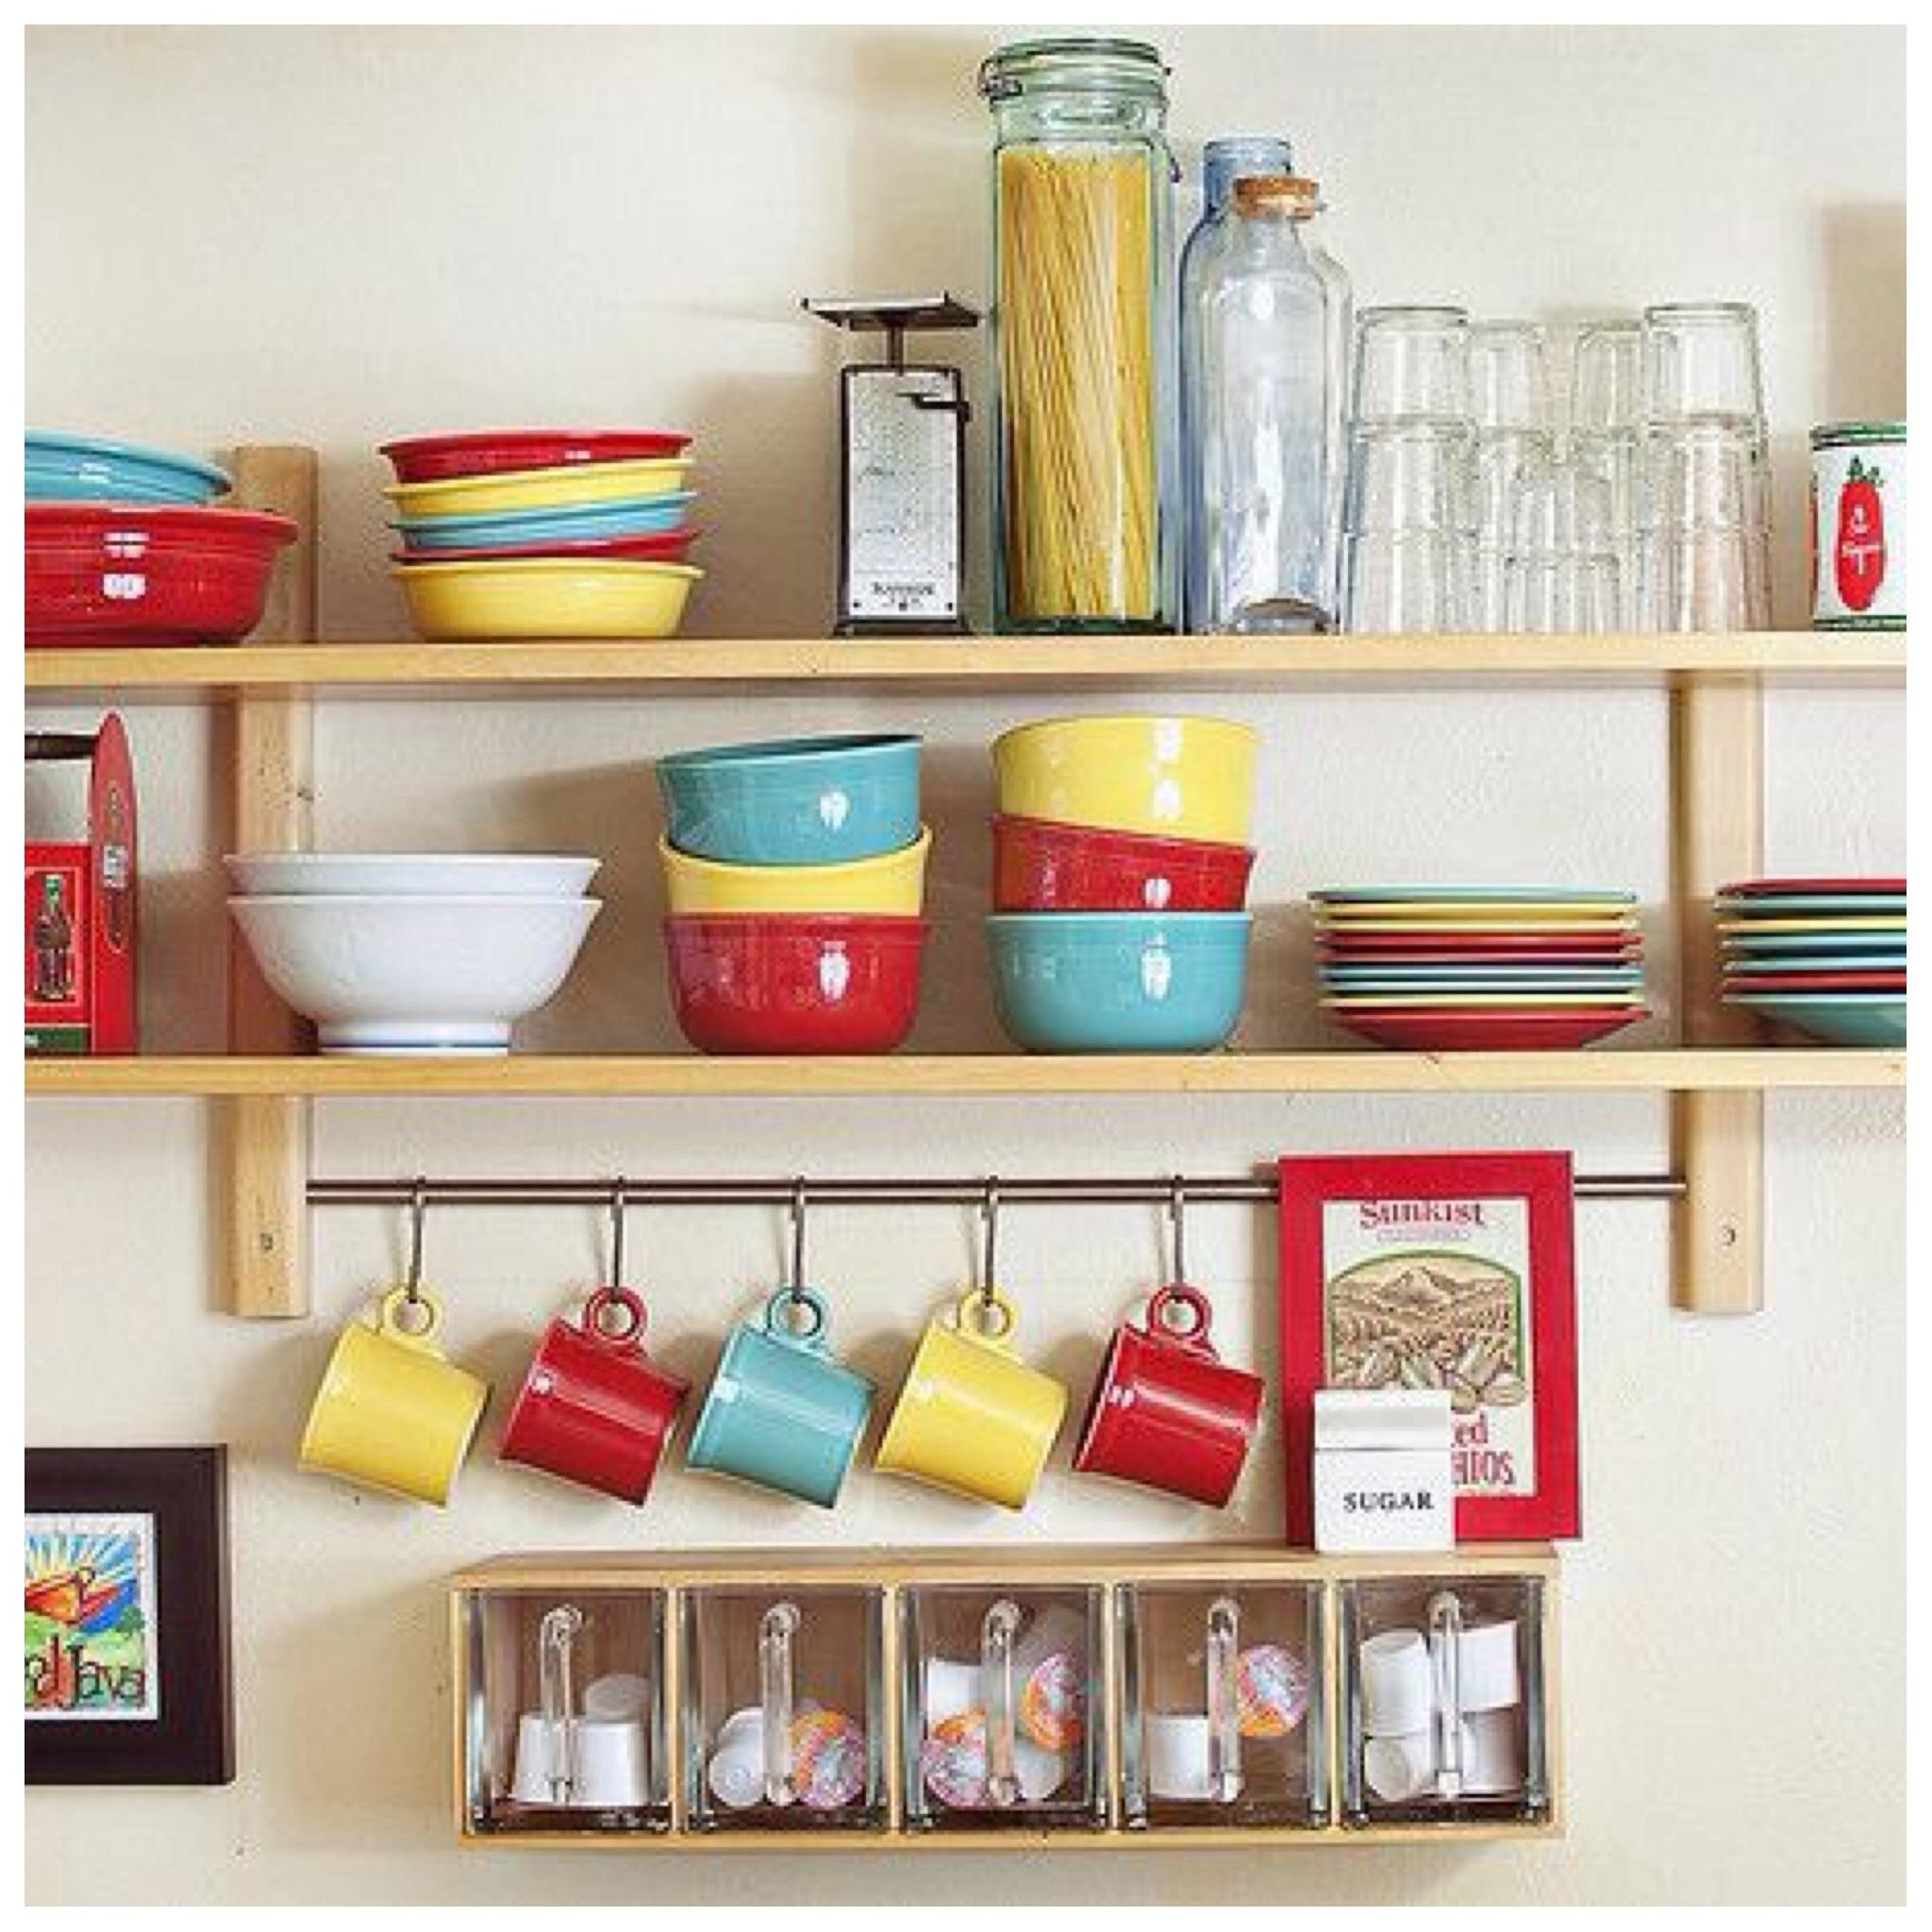 3 estilos para decorar estanter as de cocina - Estanteria cocina ...